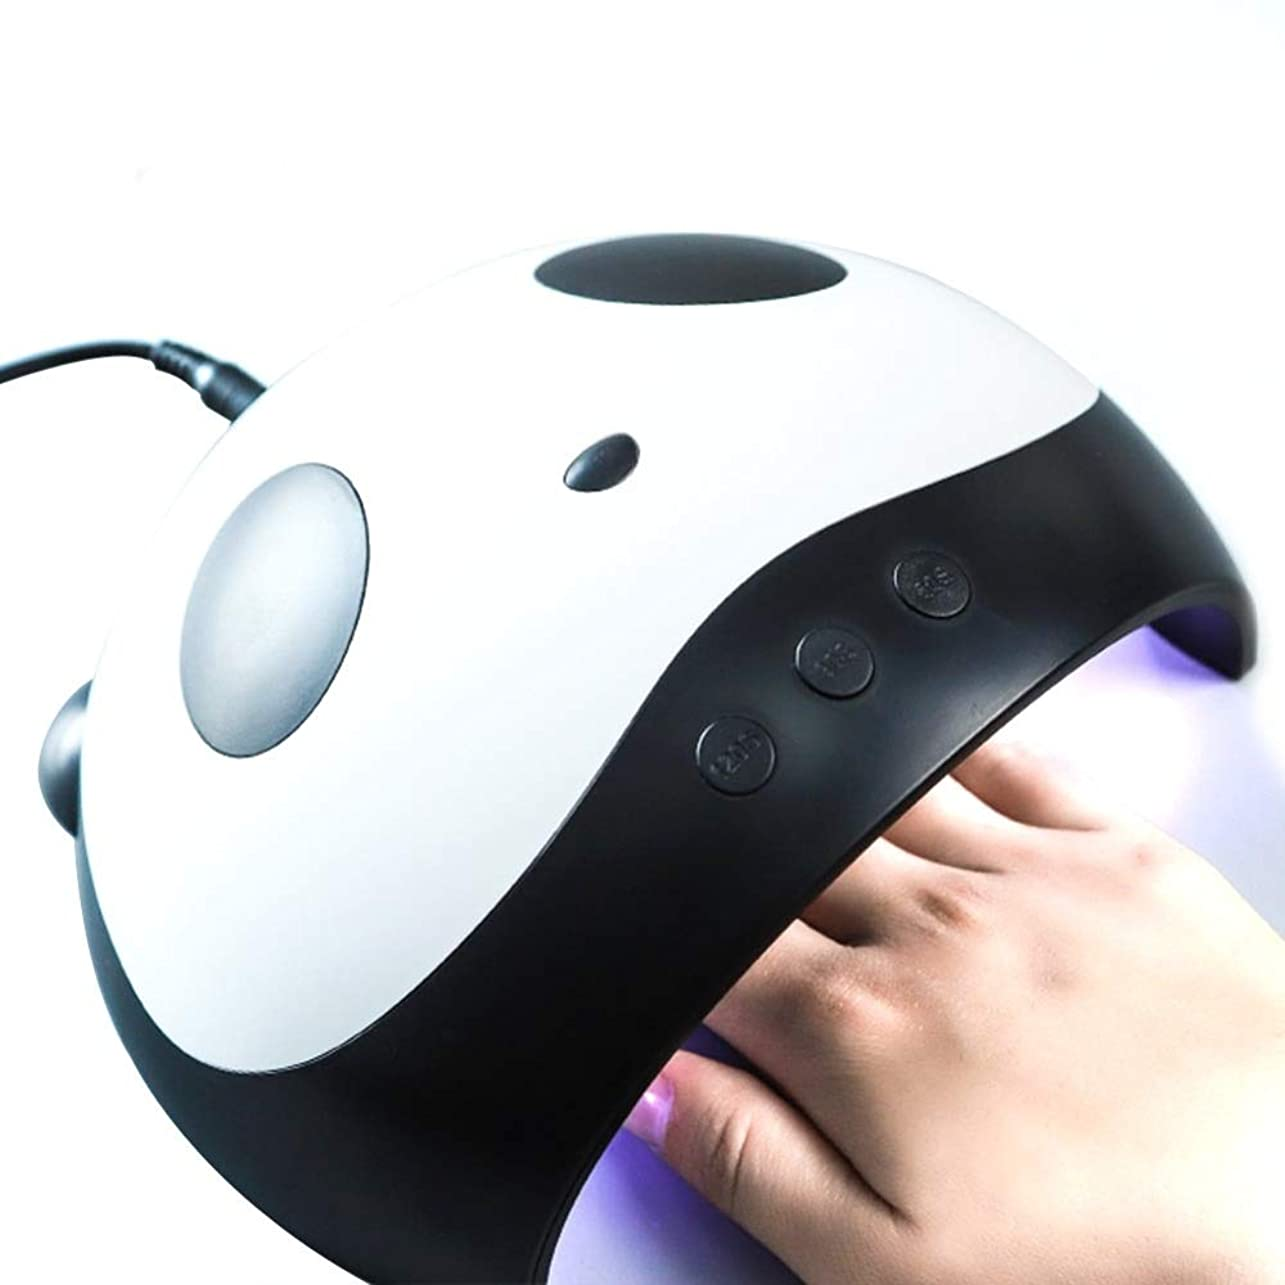 ボーカル量実用的Cute Panda Shaper UV Lamp 36W LED Nail Dryer Manicure Lamps Double Light Auto Motion Drier For Curing Gel Polish Nail Art Tools かわいいパンダUVランプ36W LEDのネイルドライヤーマニキュアランプダブルライトオートモーションドライヤーゲル硬化のためのネイルアートツール